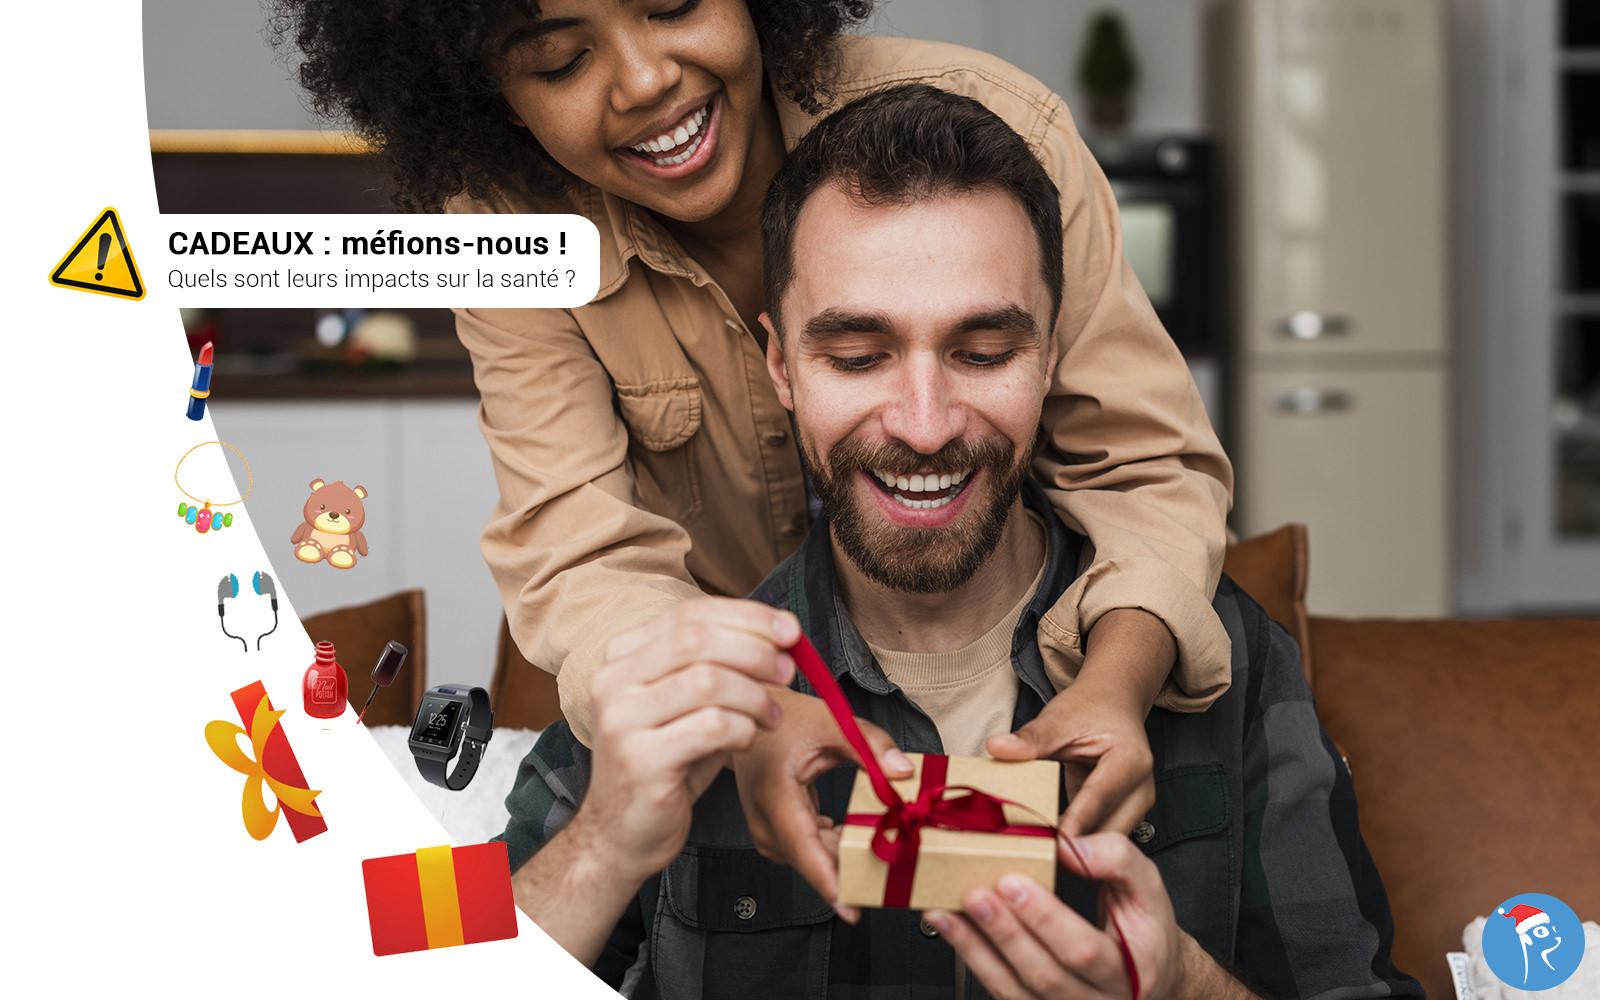 Cadeaux de noel et santé